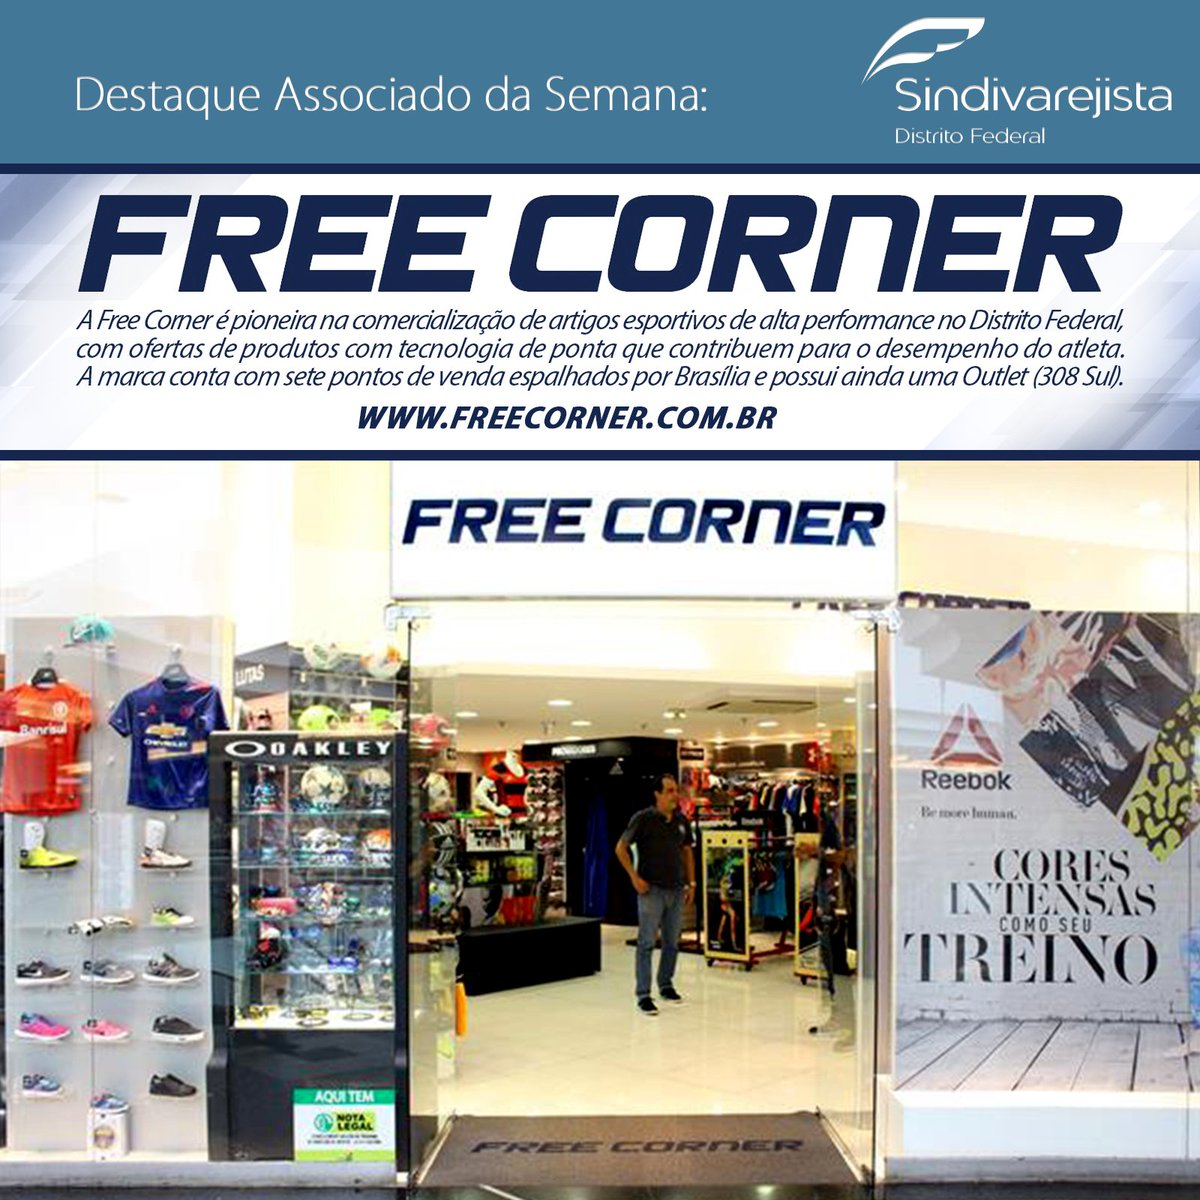 be23b447e ...  Brasilia  Comercio  Loja  Lojista  Comerciante  Sindicato  Lucro   Emprego  RH  Dicas  economia  direito  trabalho  lei  freecorner  artigos   esportivos ...